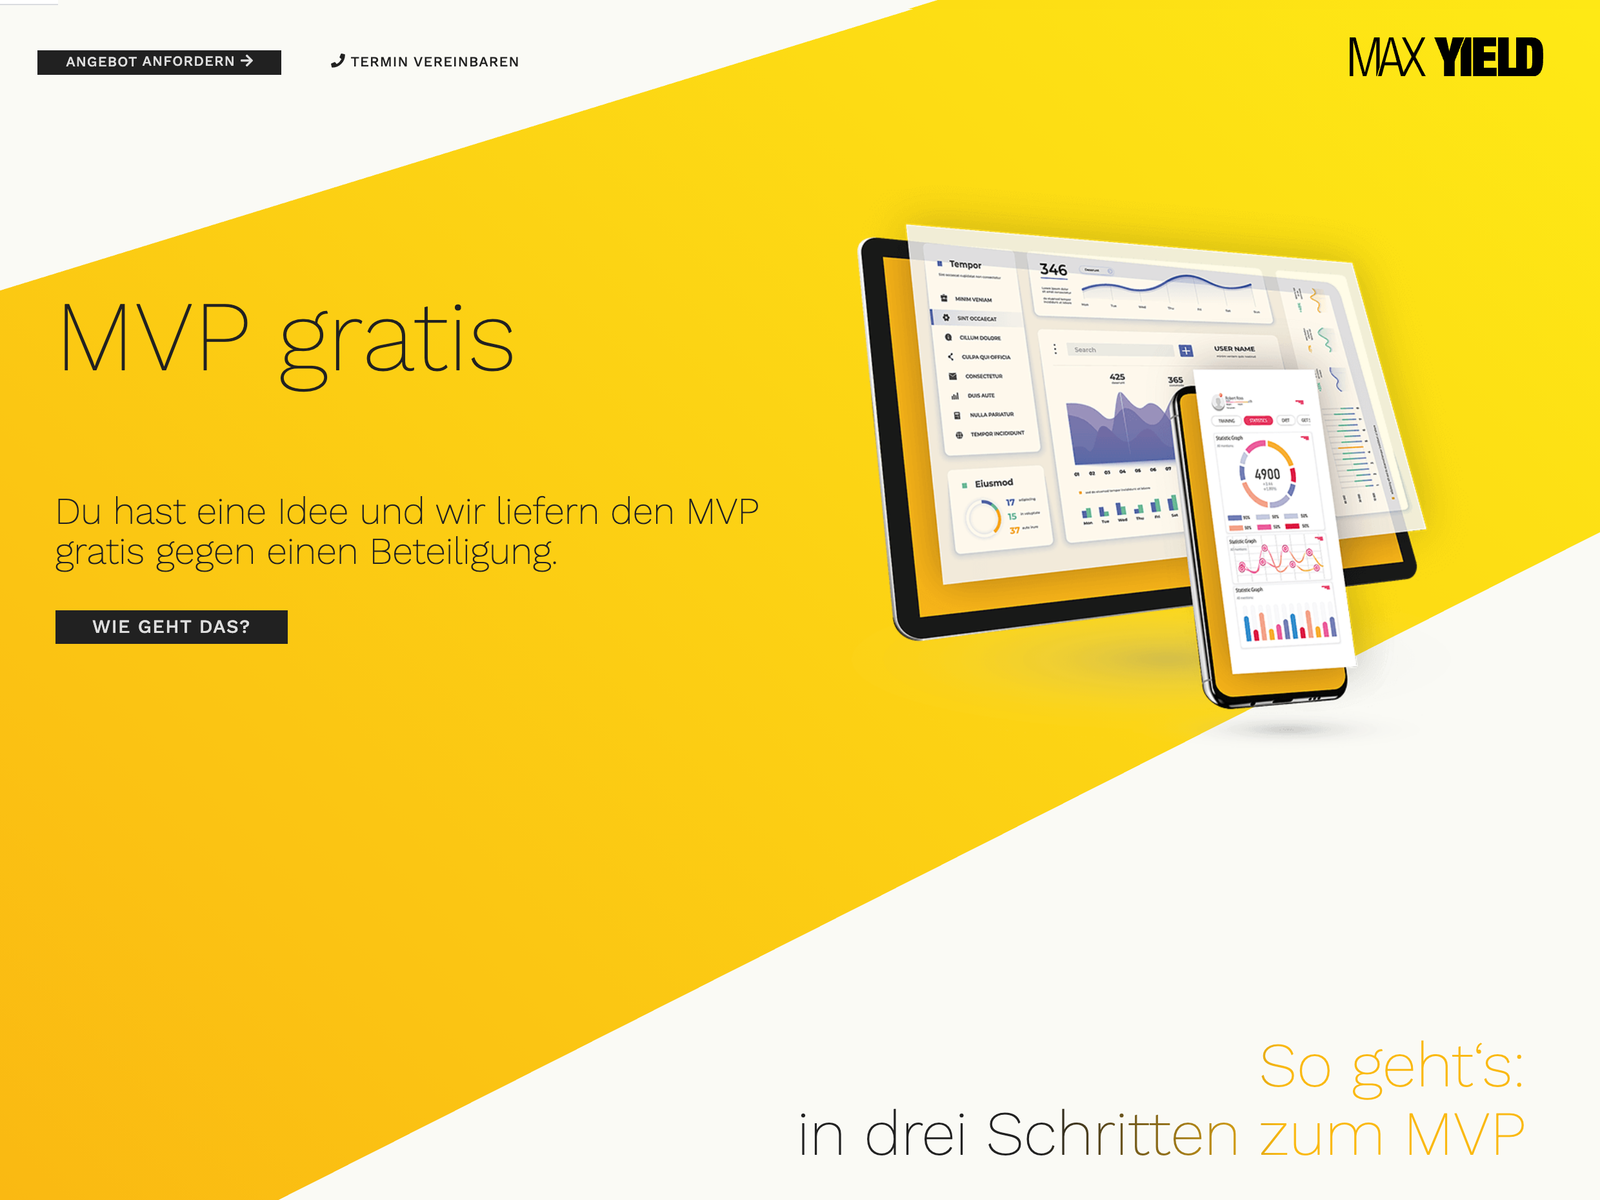 MVP gratis - Der Booster für Start-Ups und Service/Produkt-Entwicklung